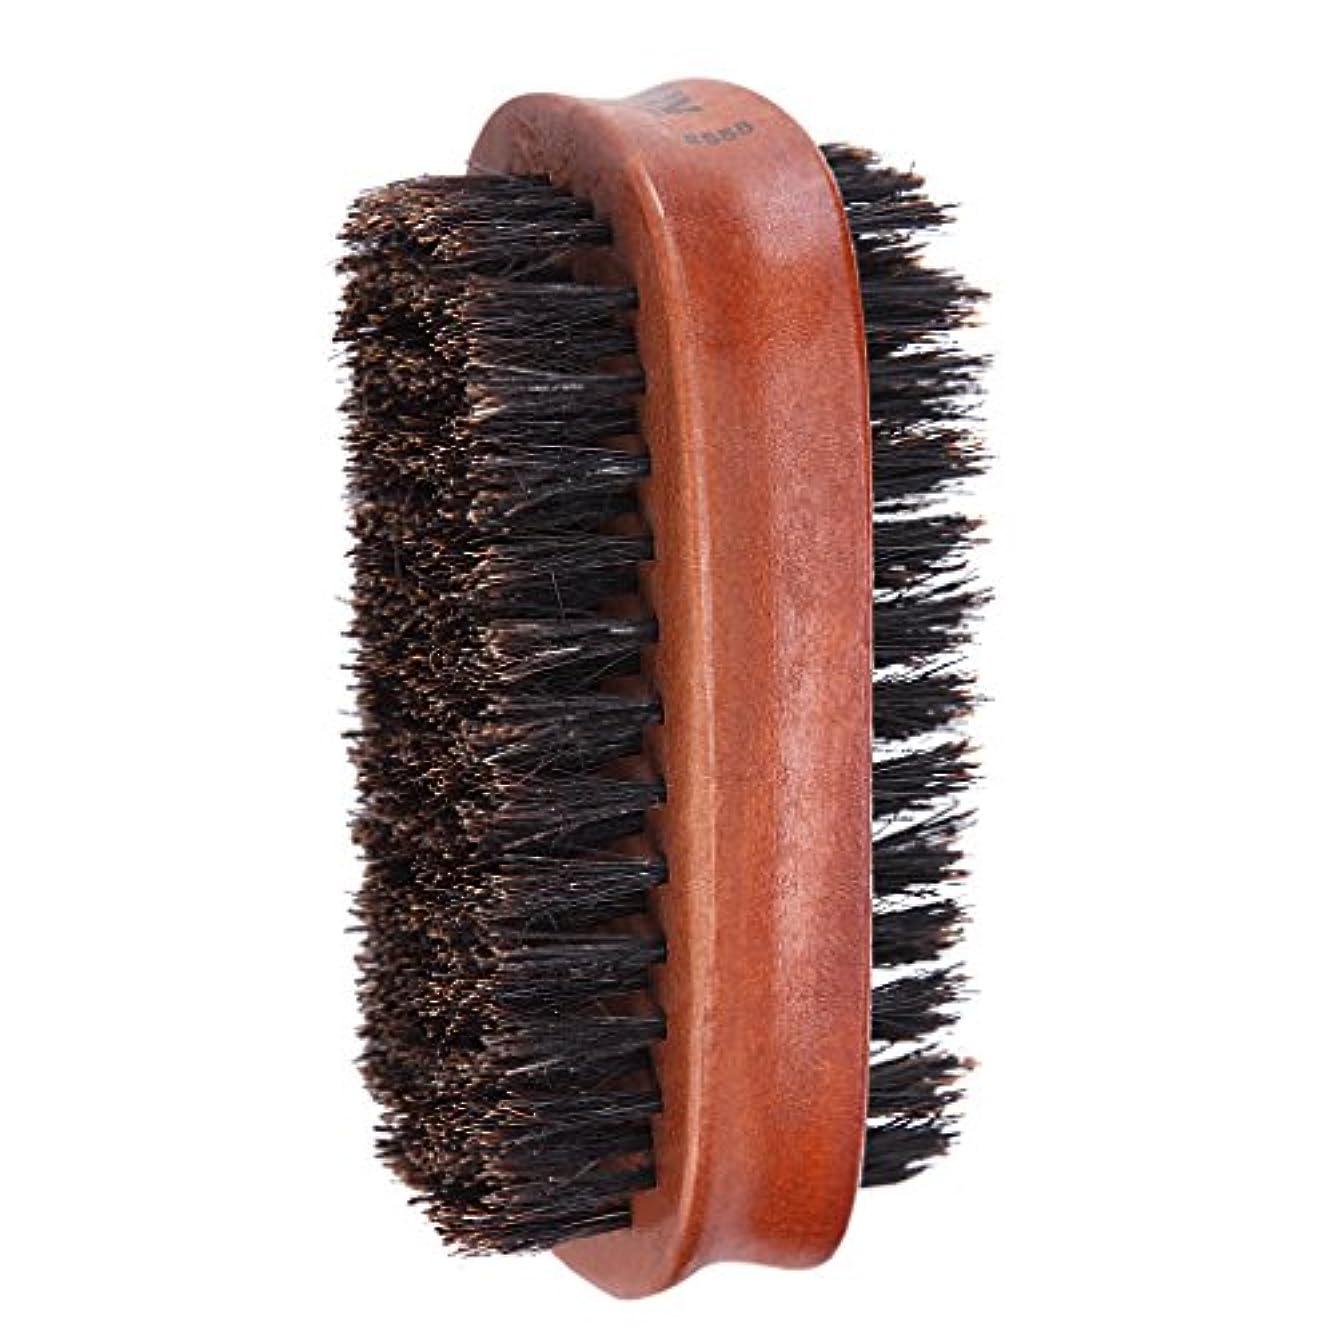 危険にさらされている密度脅かすToygogo ヘアブラシ 両面ブラシ 男性 髭 口ひげ グルーミングブラシ ブリストルブラシ